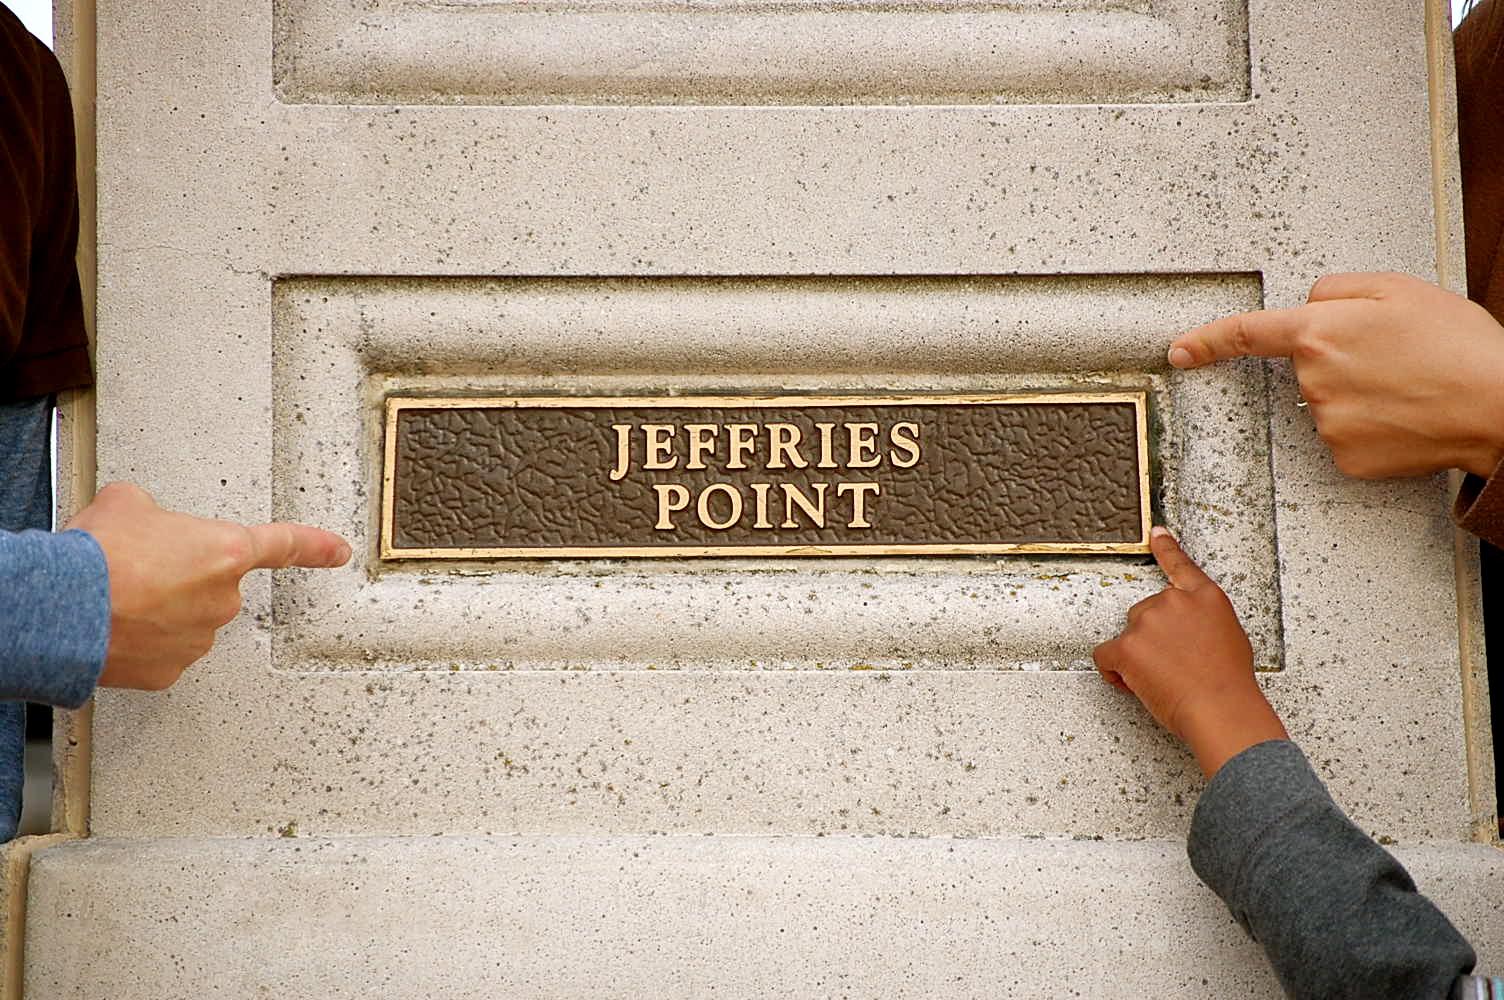 Jeffries Point: A Hidden Gem, According to BostInno